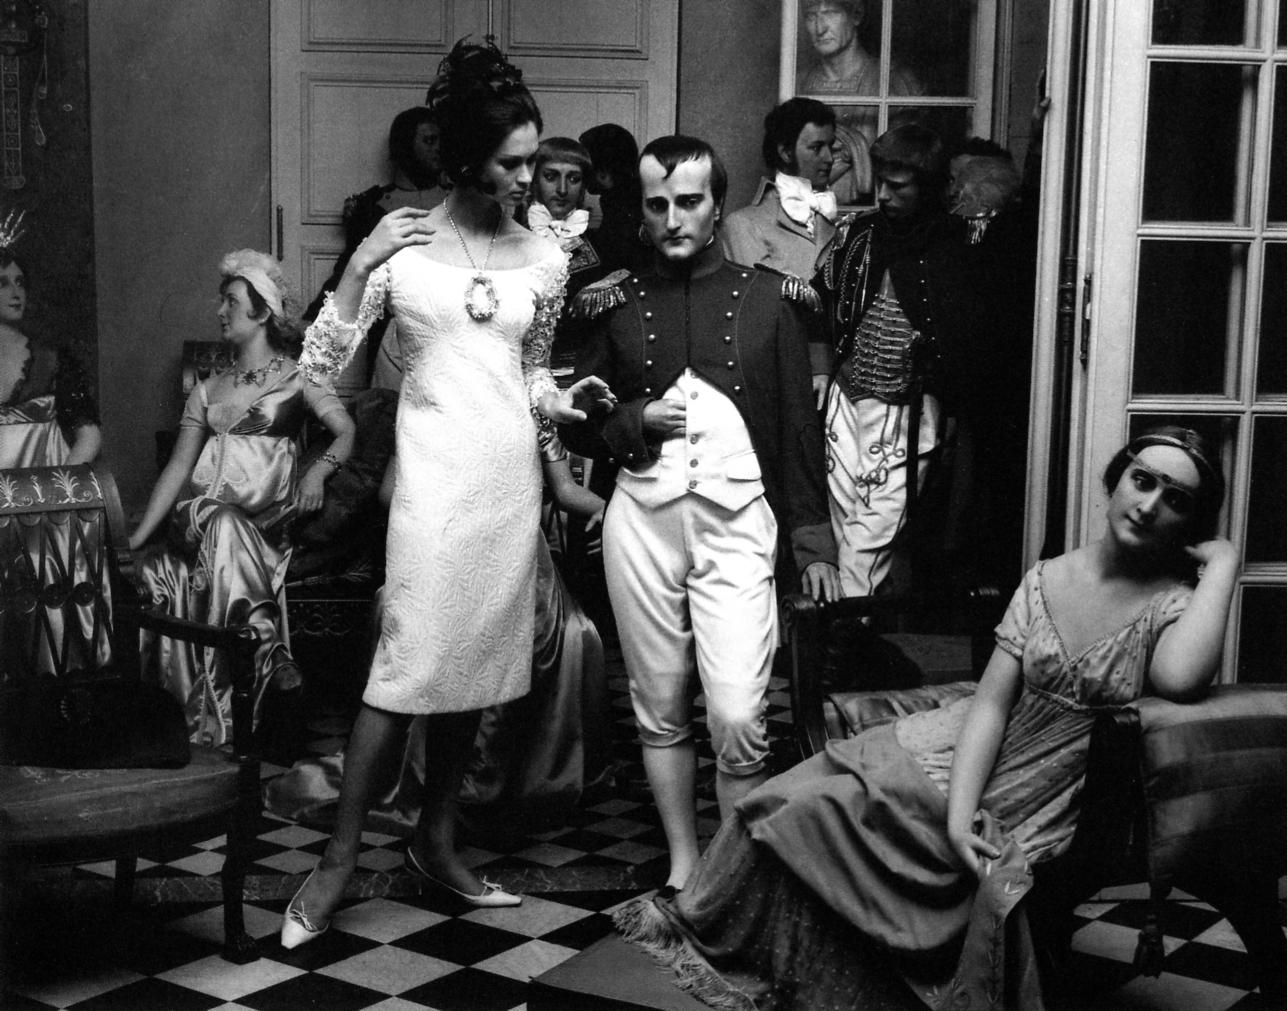 WILLIAM KLEIN, Marie-Lise in Saint Laurent and Napoleon, Musée Grévin, Vogue, Paris, France, 1963